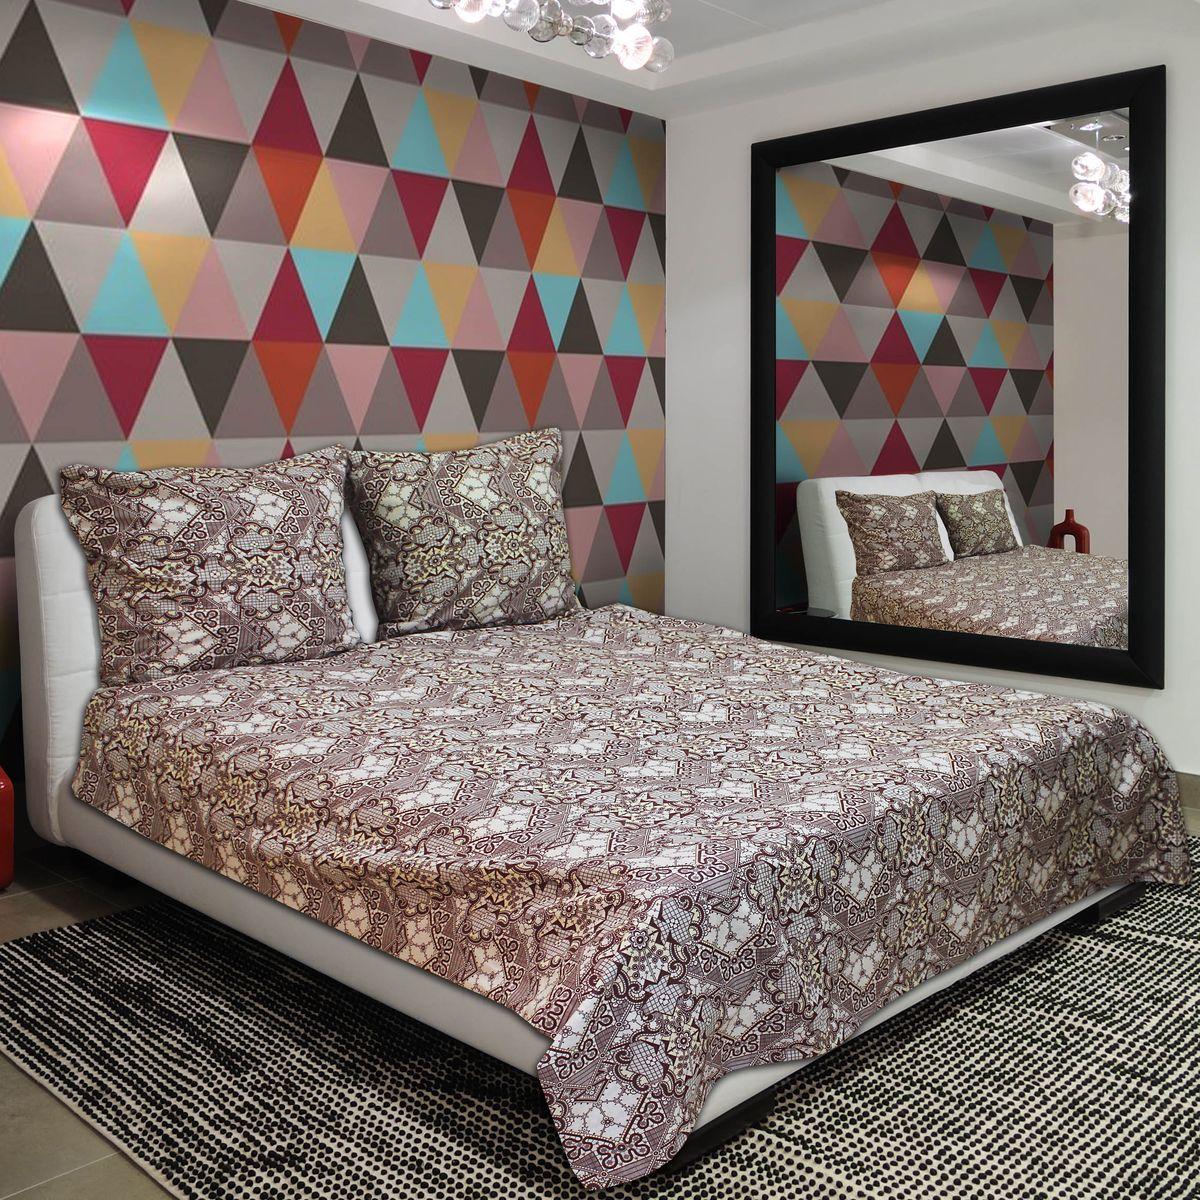 Комплект белья Amore Mio Warm, 2-спальный, наволочки 70х70391602Комплект постельного белья Amore Mio является экологически безопасным для всей семьи, так как выполнен из бязи (100% хлопок). Постельное белье оформлено оригинальным рисунком и имеет изысканный внешний вид.Легкая, плотная, мягкая ткань отлично стирается, гладится, быстро сохнет. Комплект состоит из пододеяльника, простыни и двух наволочек.